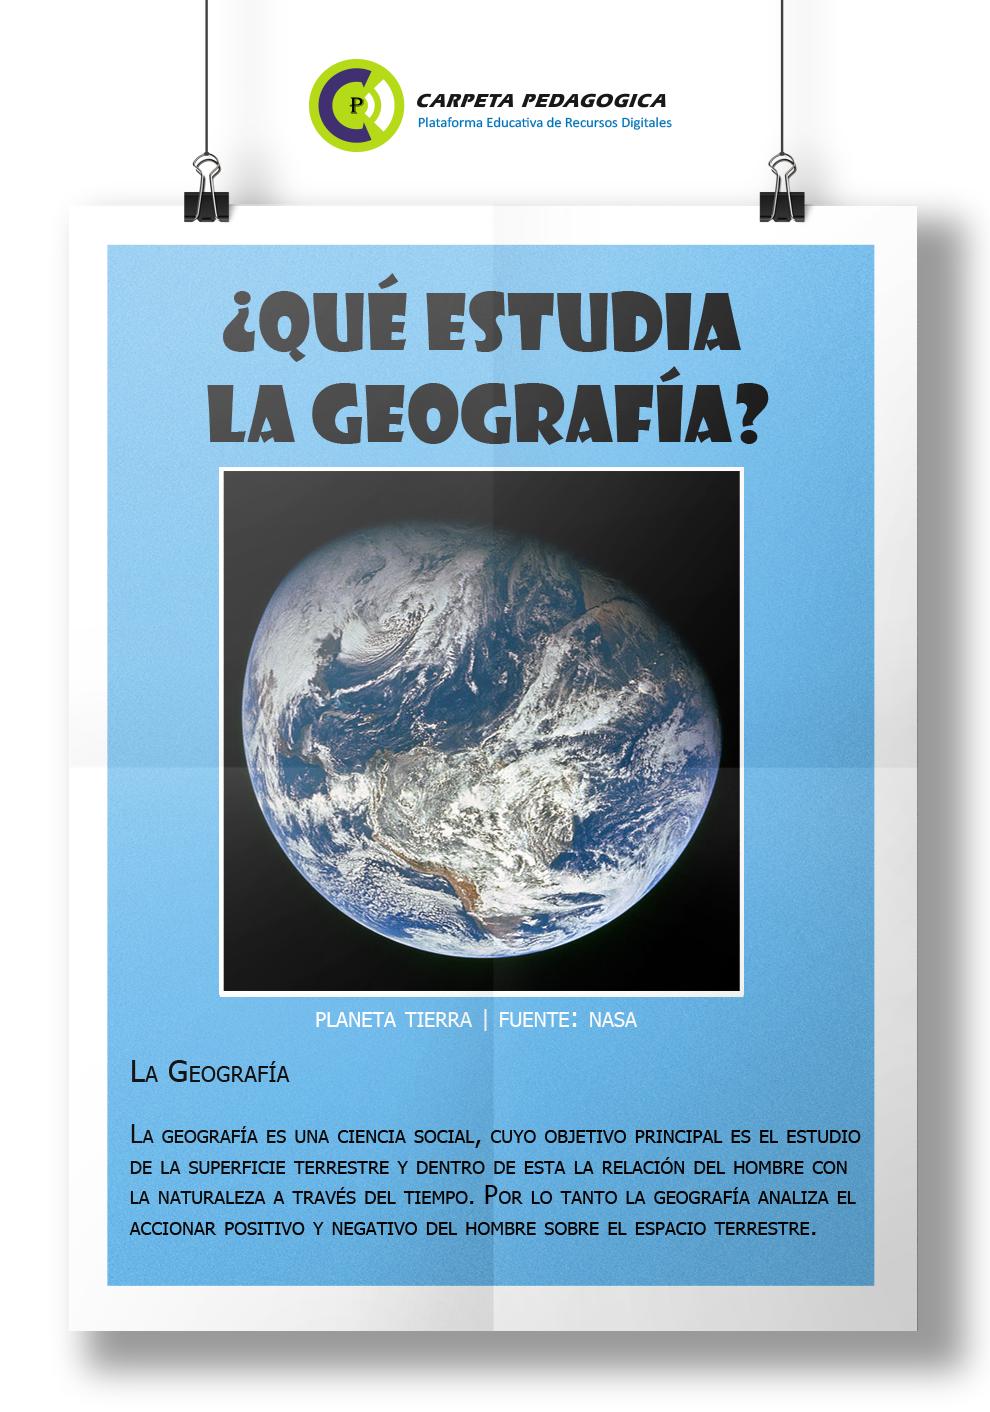 ¿Qué estudia la Geografía?